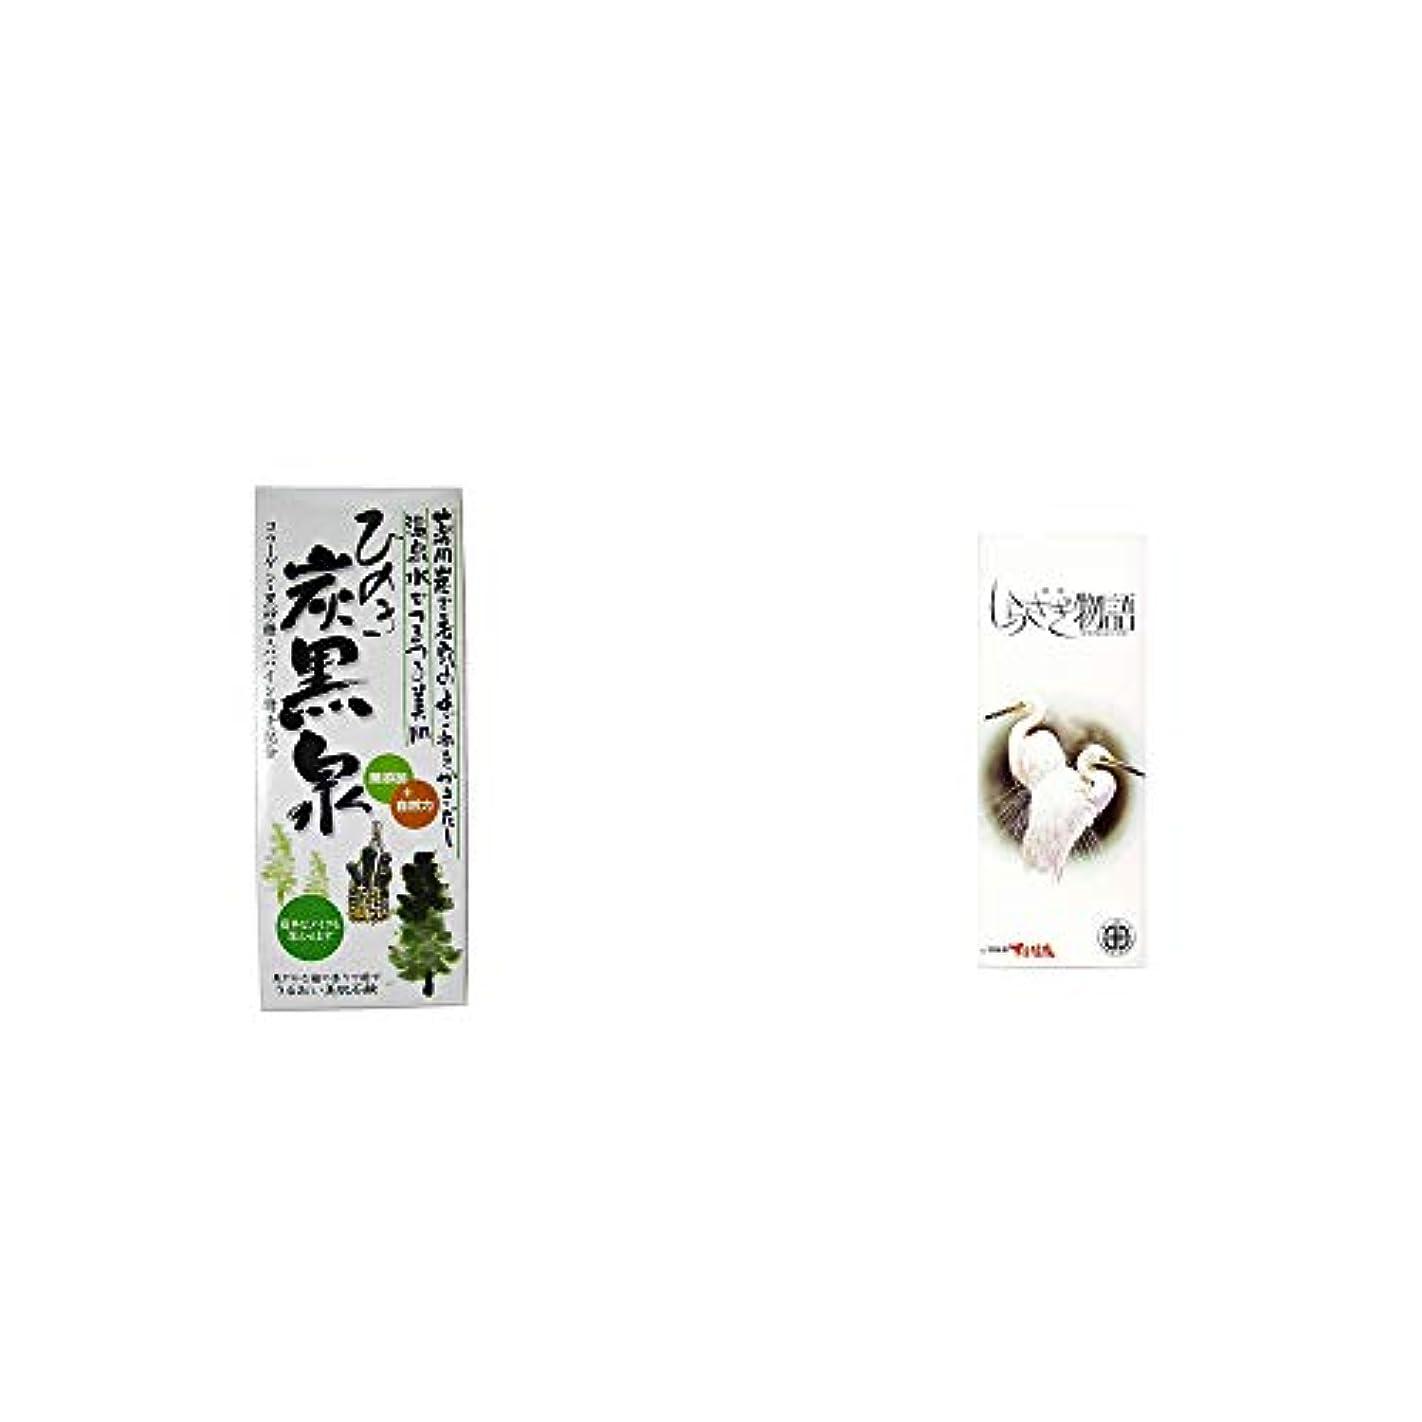 コンプリート殺人女優[2点セット] ひのき炭黒泉 箱入り(75g×3)?飛騨銘菓 しらさぎ物語 [特小](11枚入)